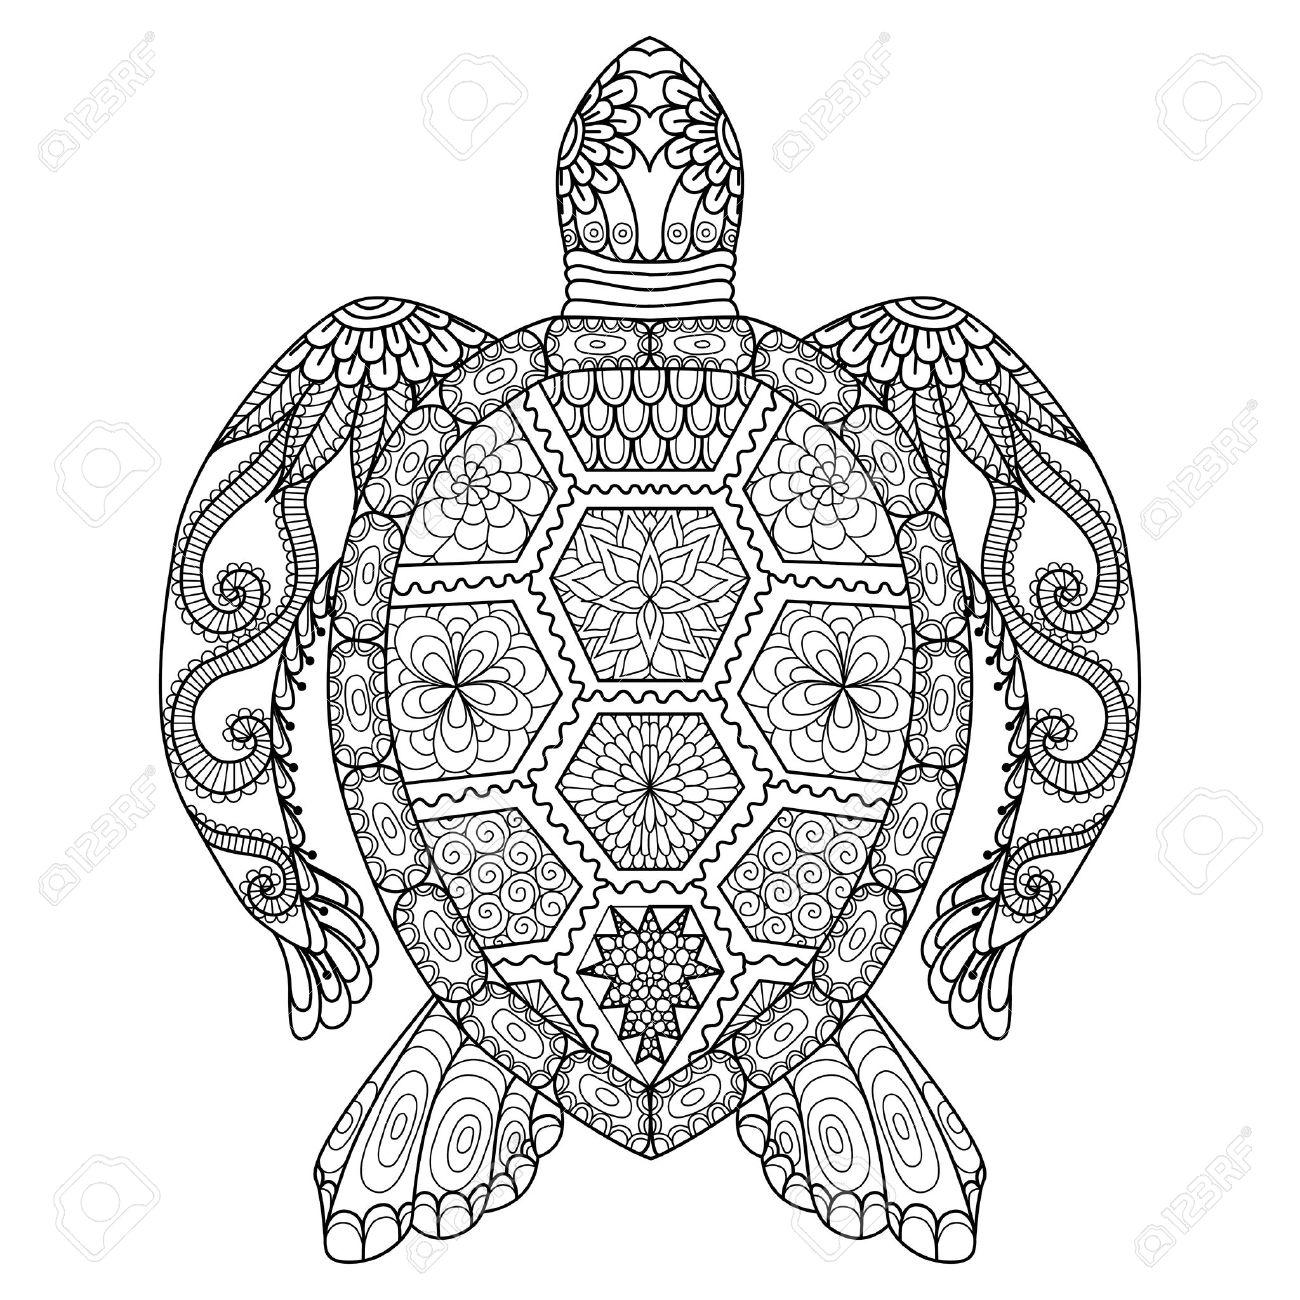 Dibujo Tortuga Zentangle De La Página Para Colorear, Camisa Efecto ...